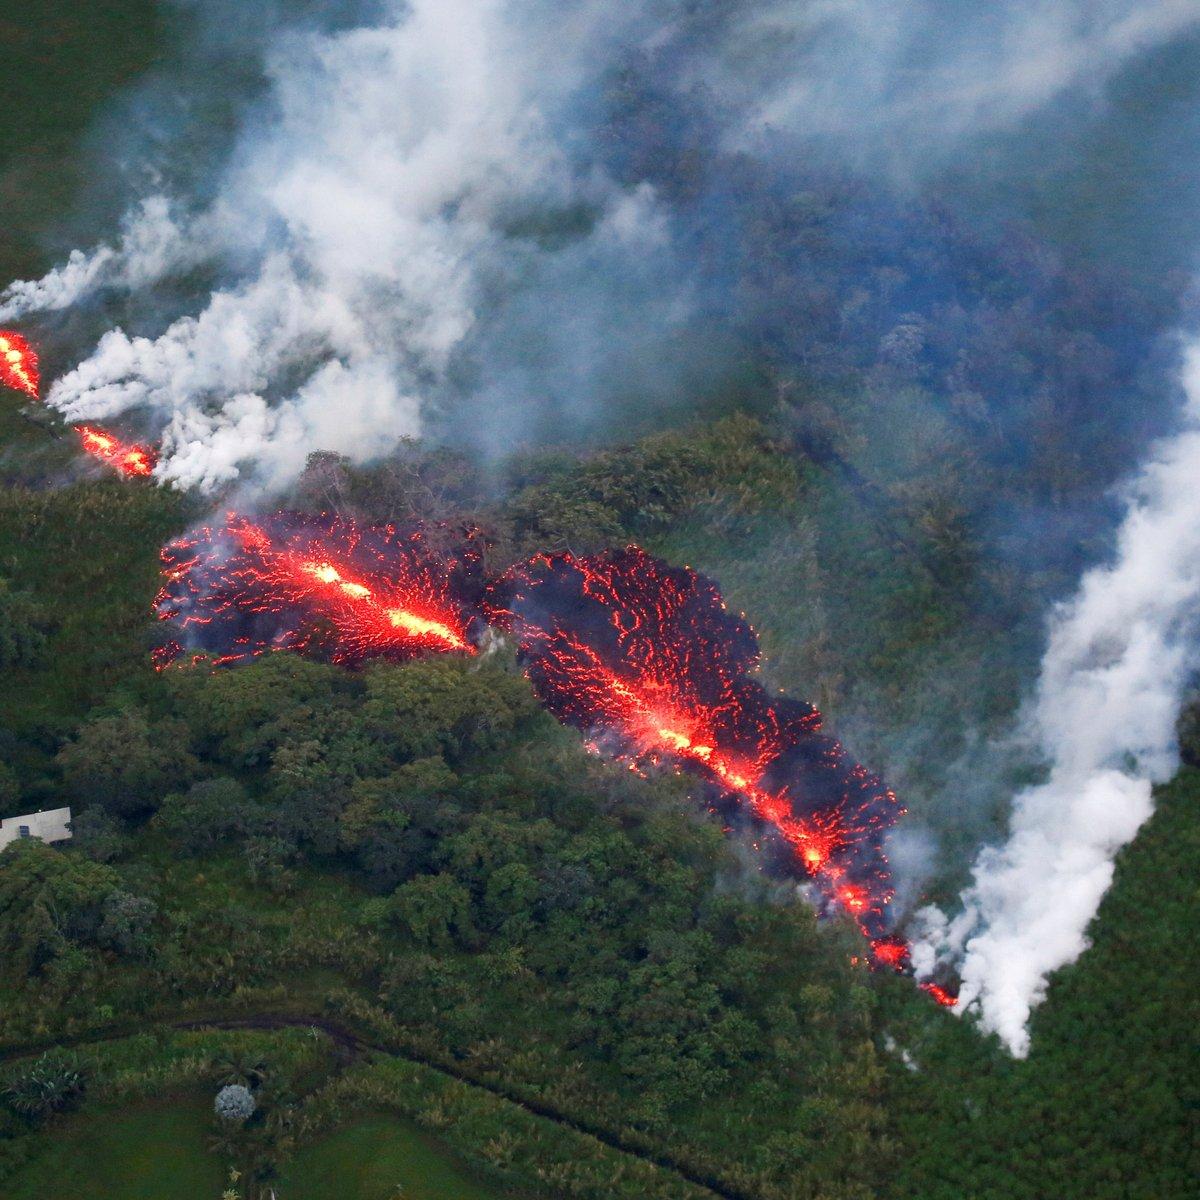 erupção nas pernas de voar